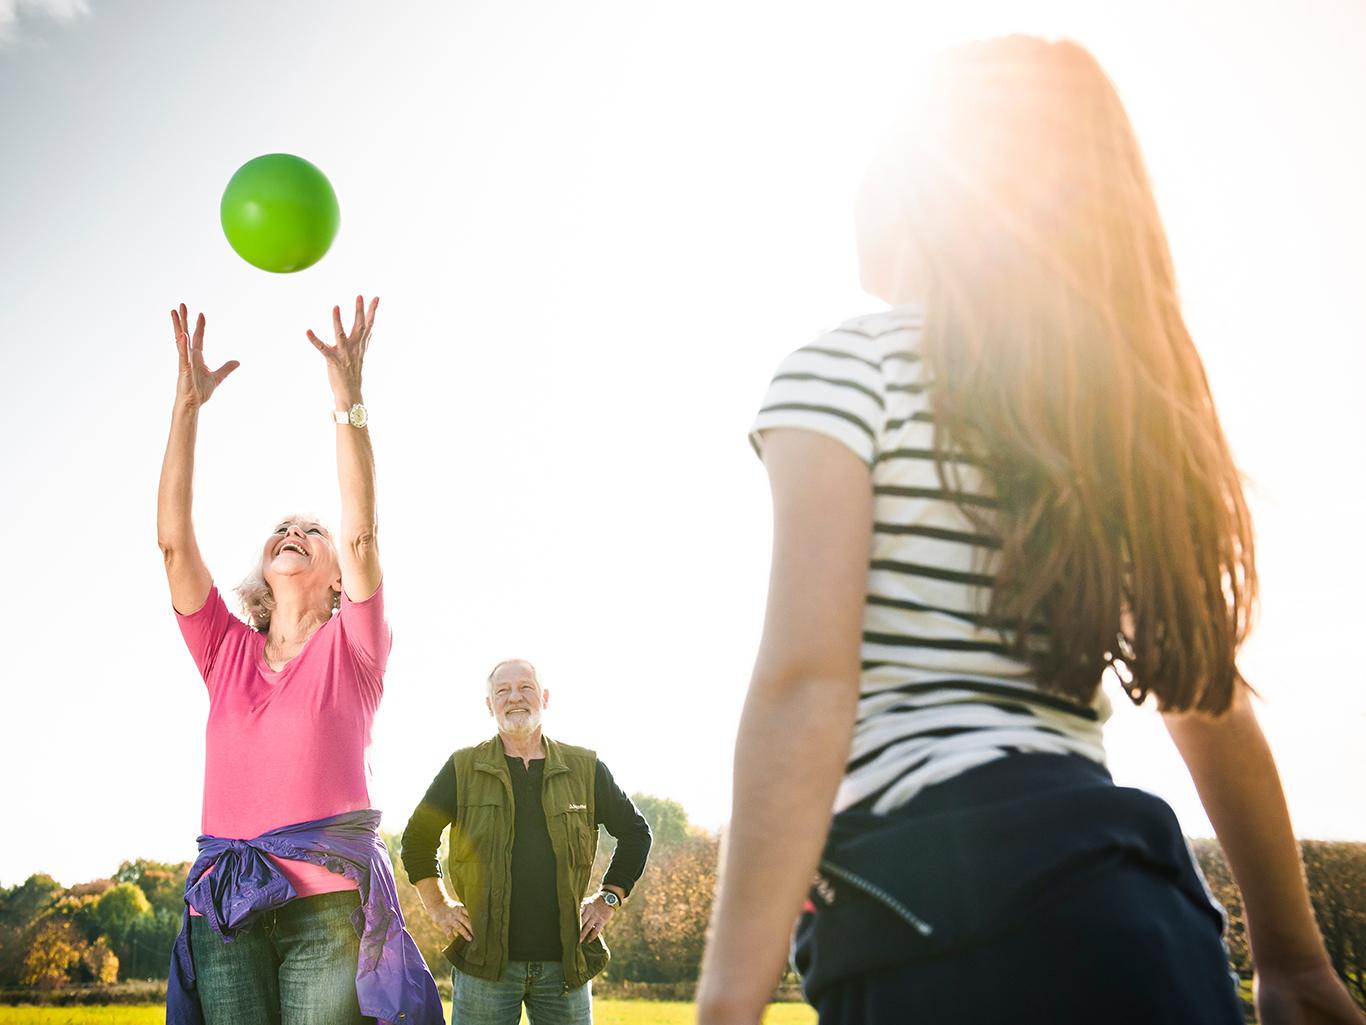 Seniorenpaar spielt mit jungem Mädchen Ball auf einer Wiese.